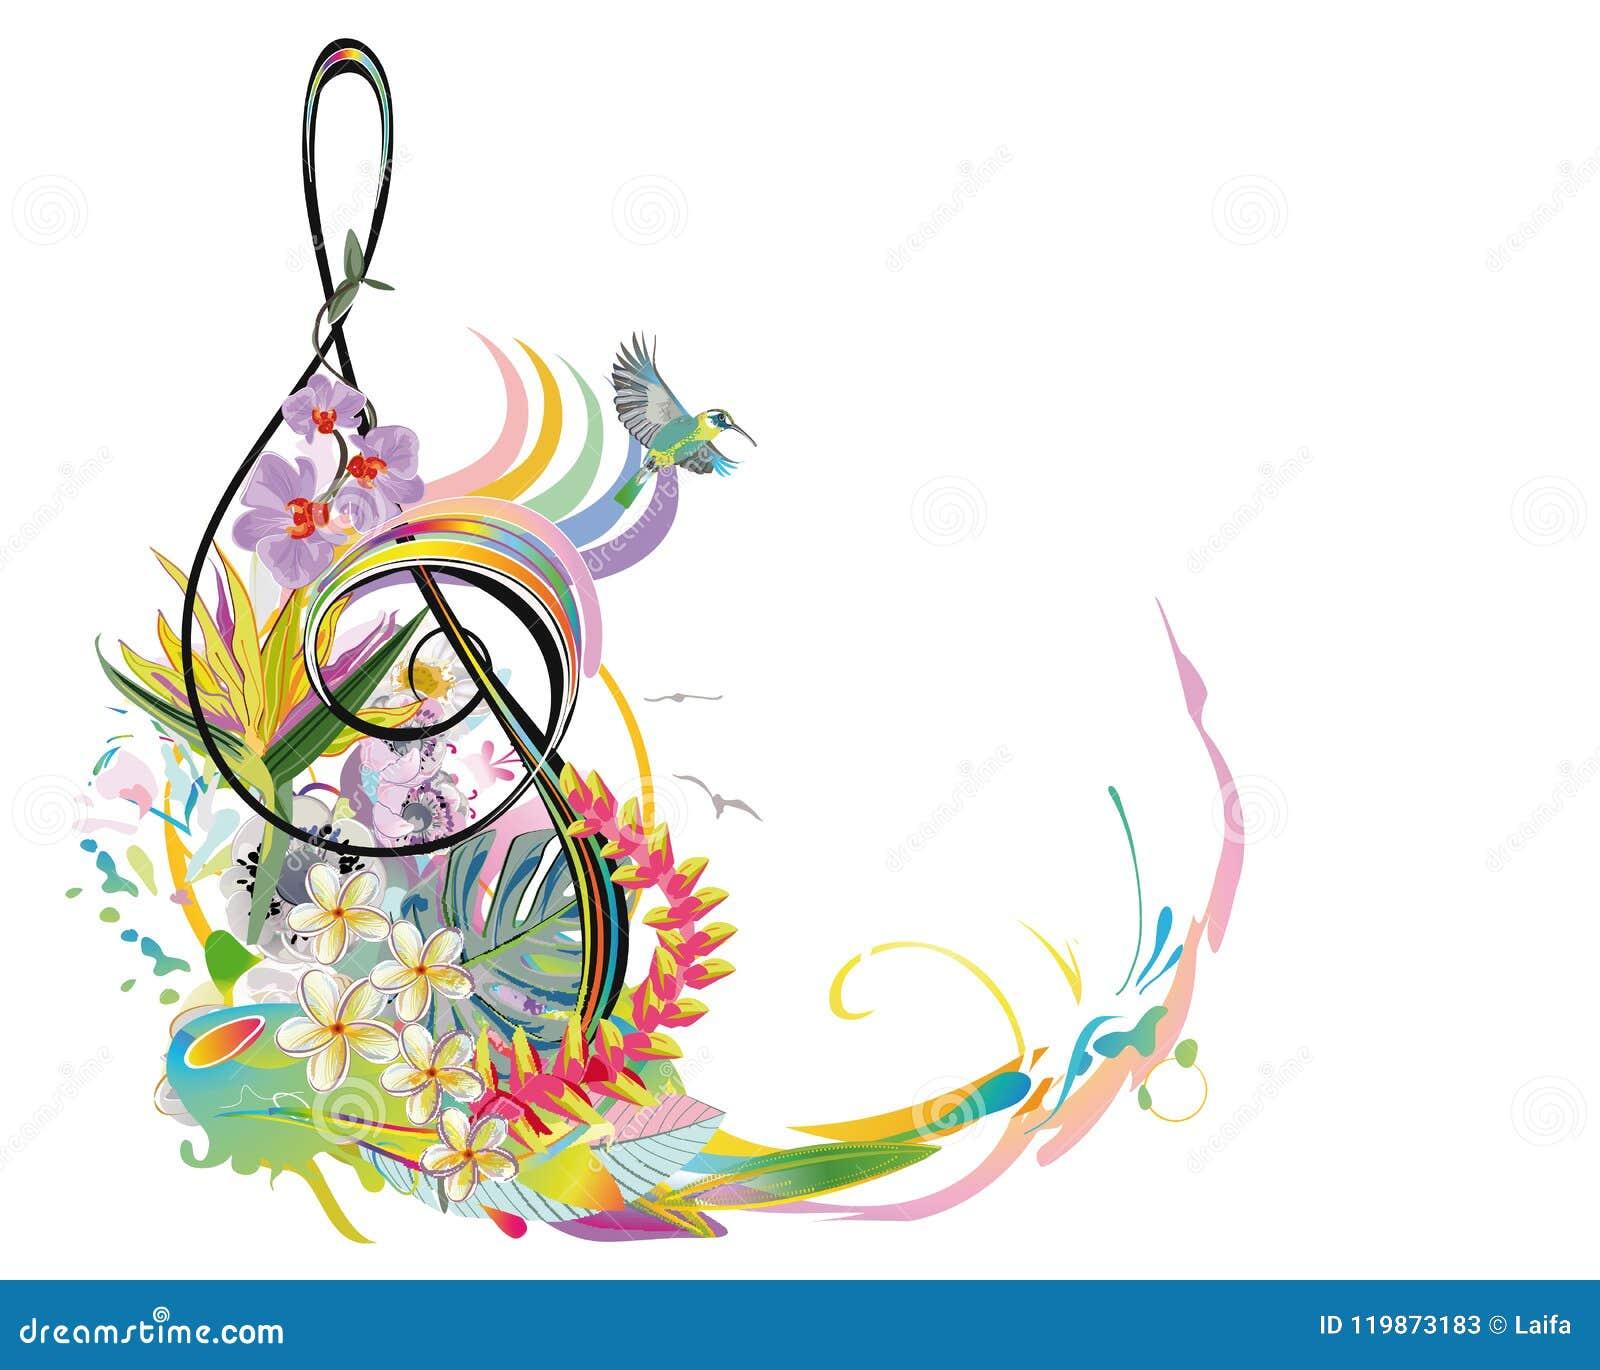 Το αφηρημένο τριπλό clef που διακοσμείται με το καλοκαίρι και την άνοιξη ανθίζει, φύλλα φοινικών, σημειώσεις, πουλιά